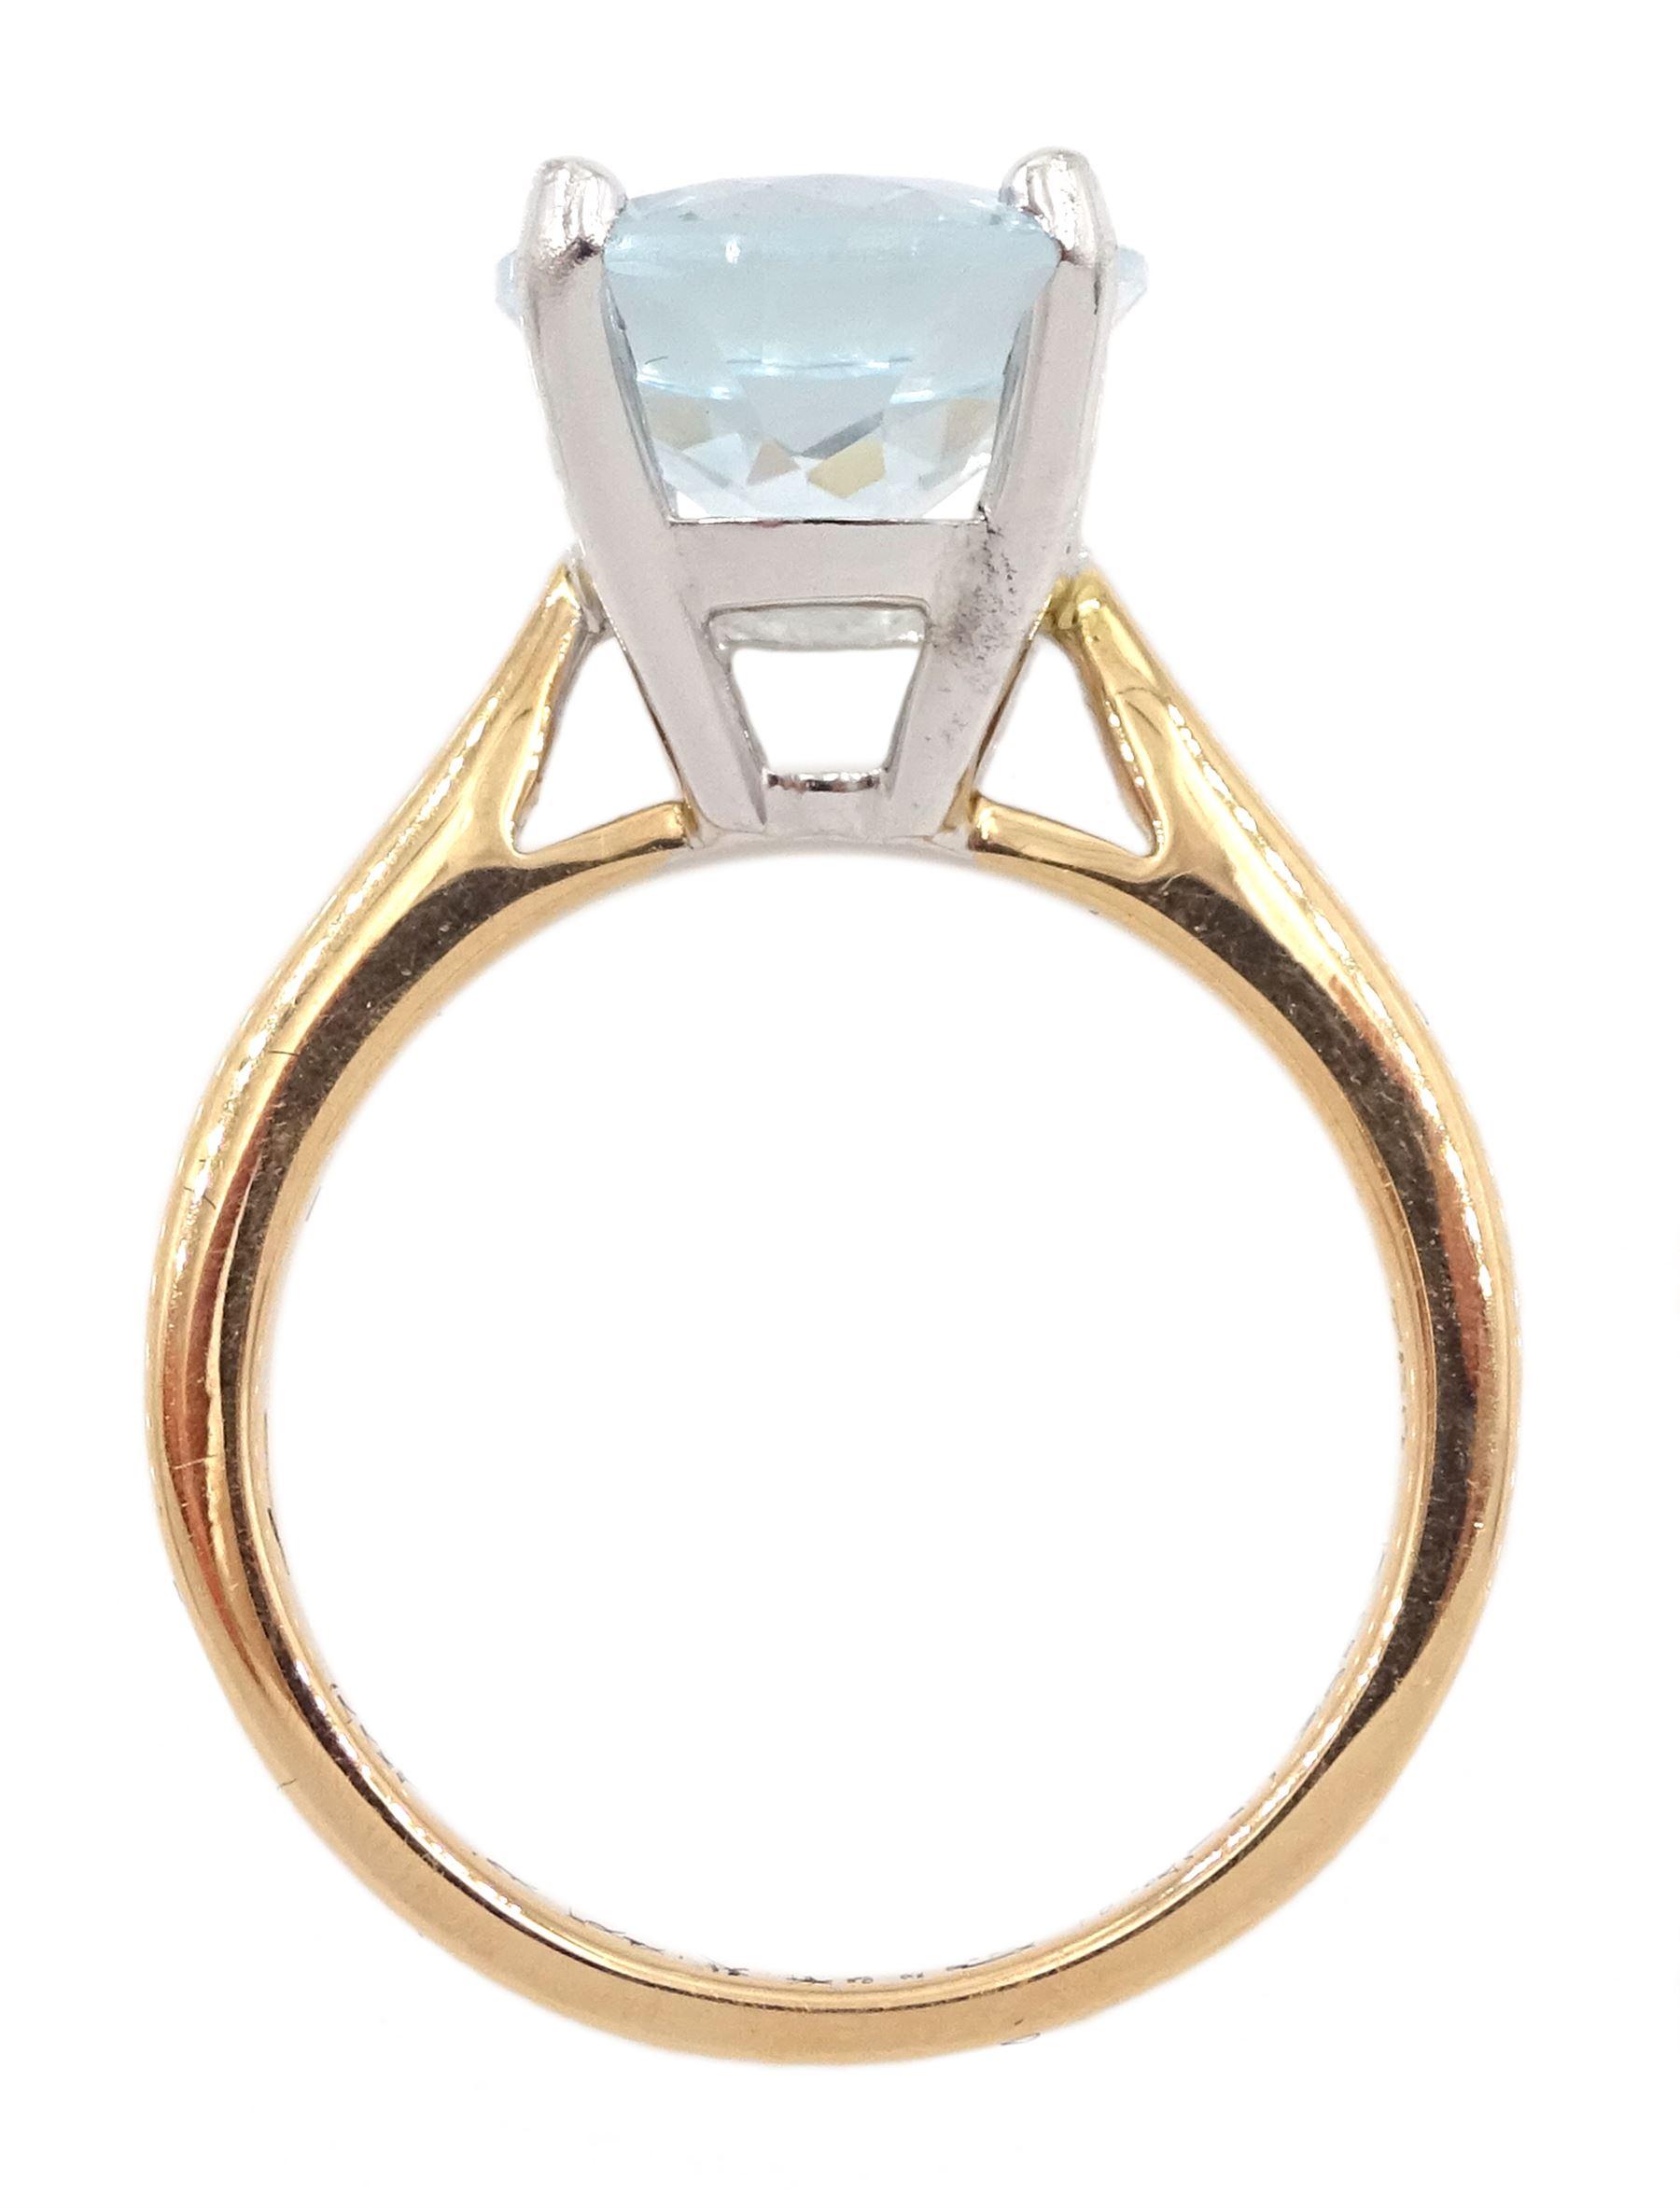 18ct rose gold single stone oval aquamarine ring - Image 4 of 4